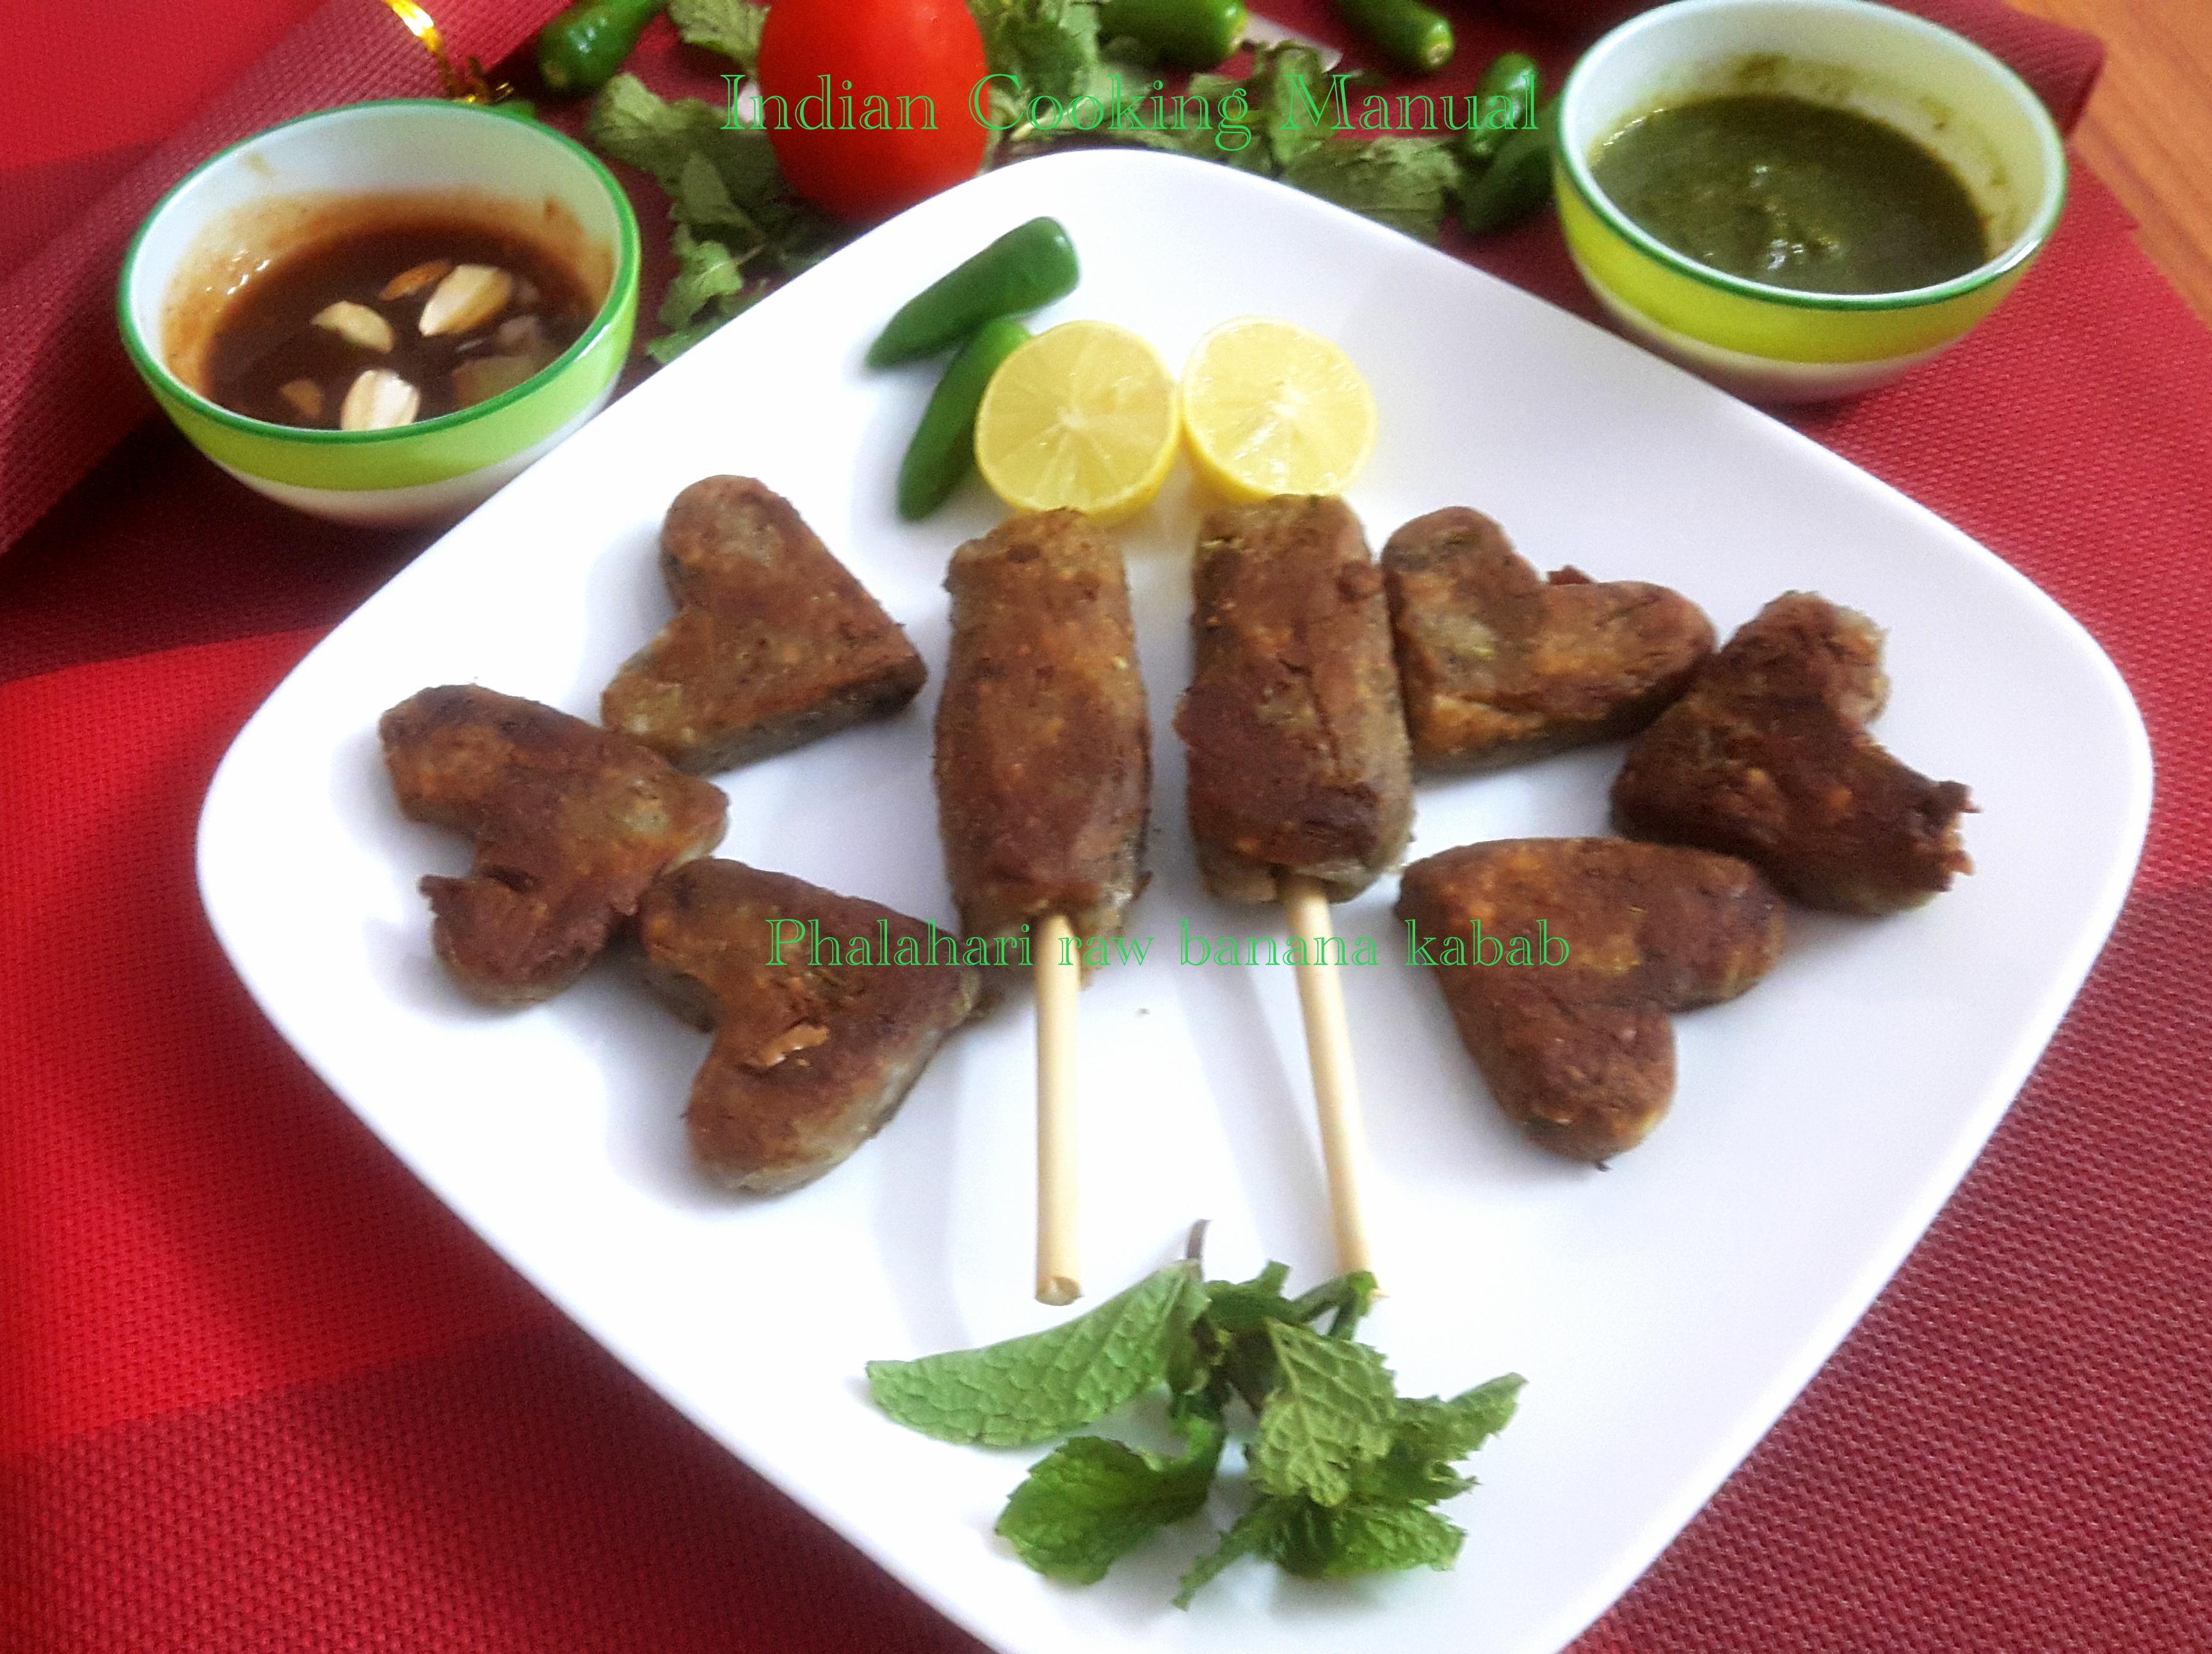 Phalahari raw banana kabab